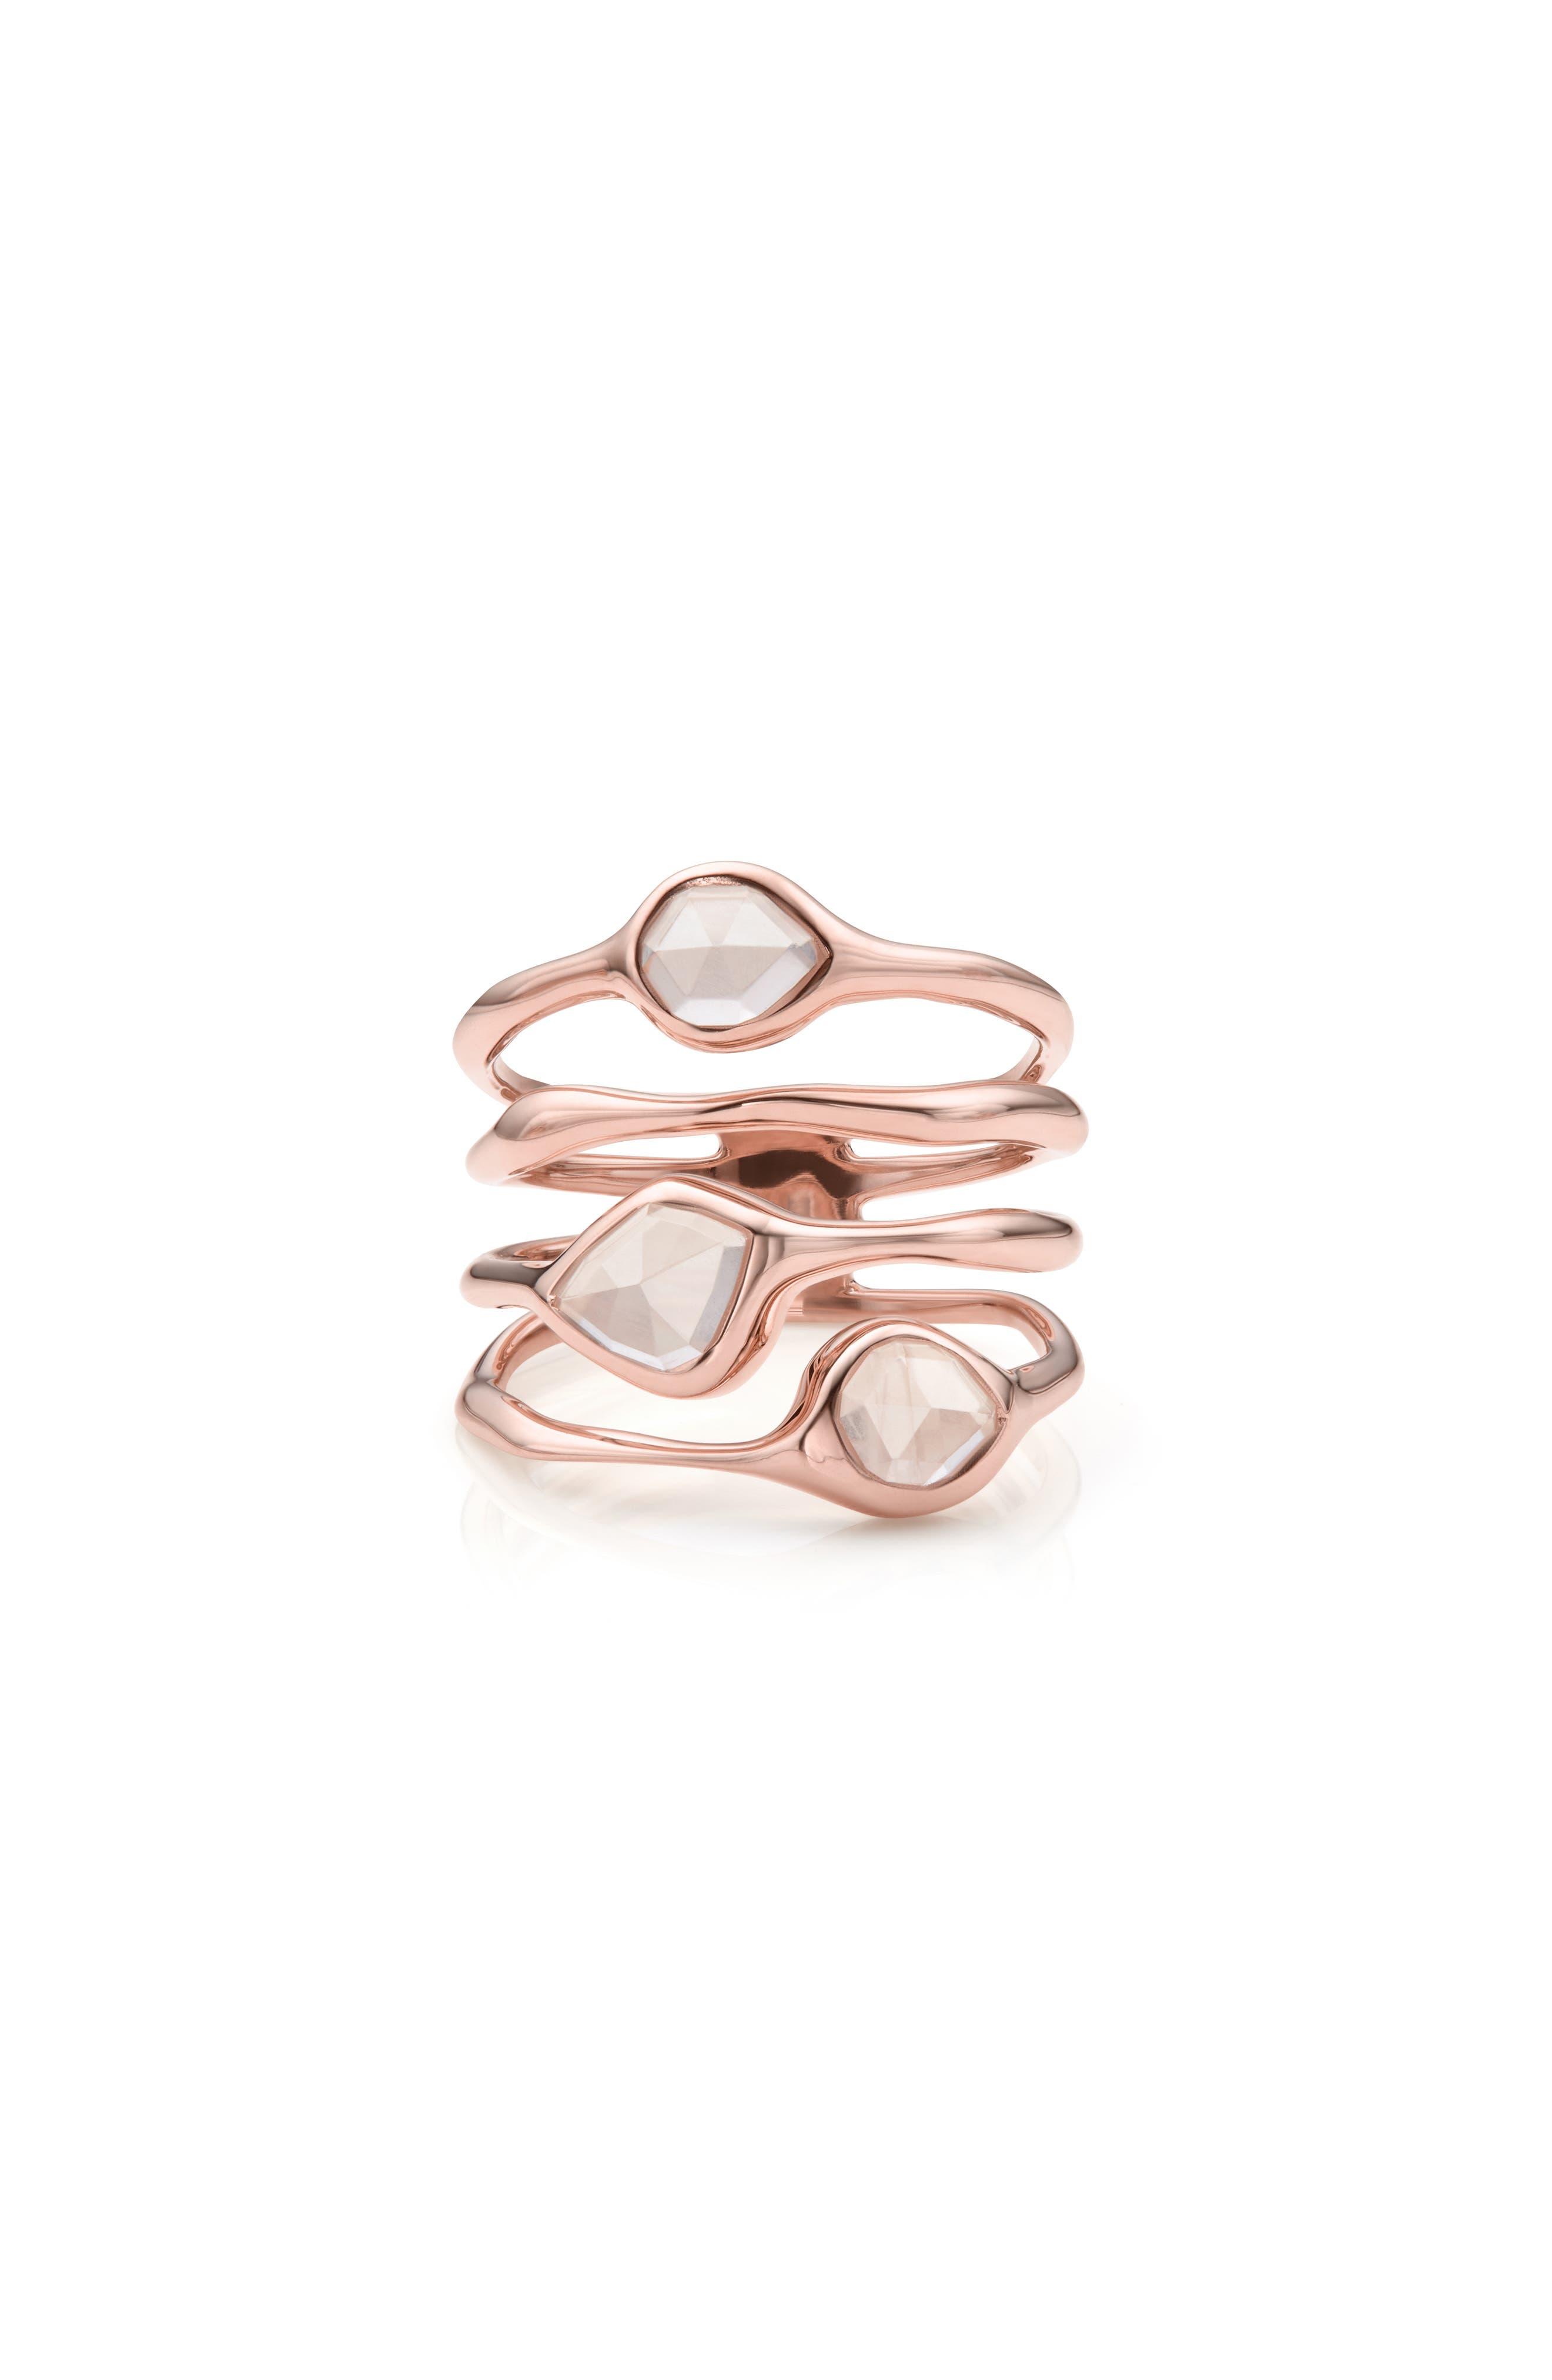 MONICA VINADER Siren Cluster Cocktail Ring, Main, color, ROSE GOLD/ ROSE QUARTZ